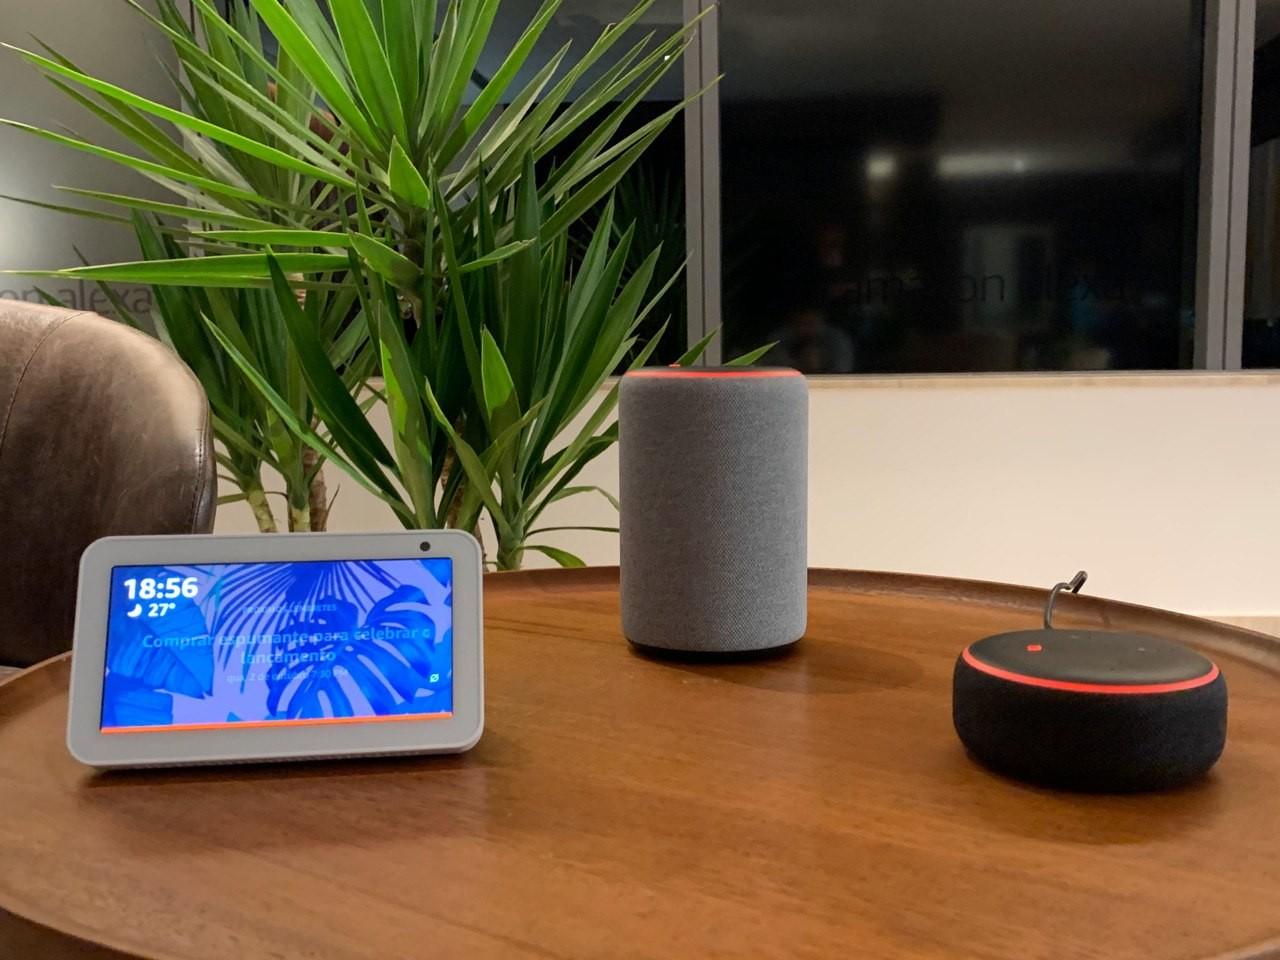 Como é possível instalar dispositivos de 'casa inteligente' de forma segura?